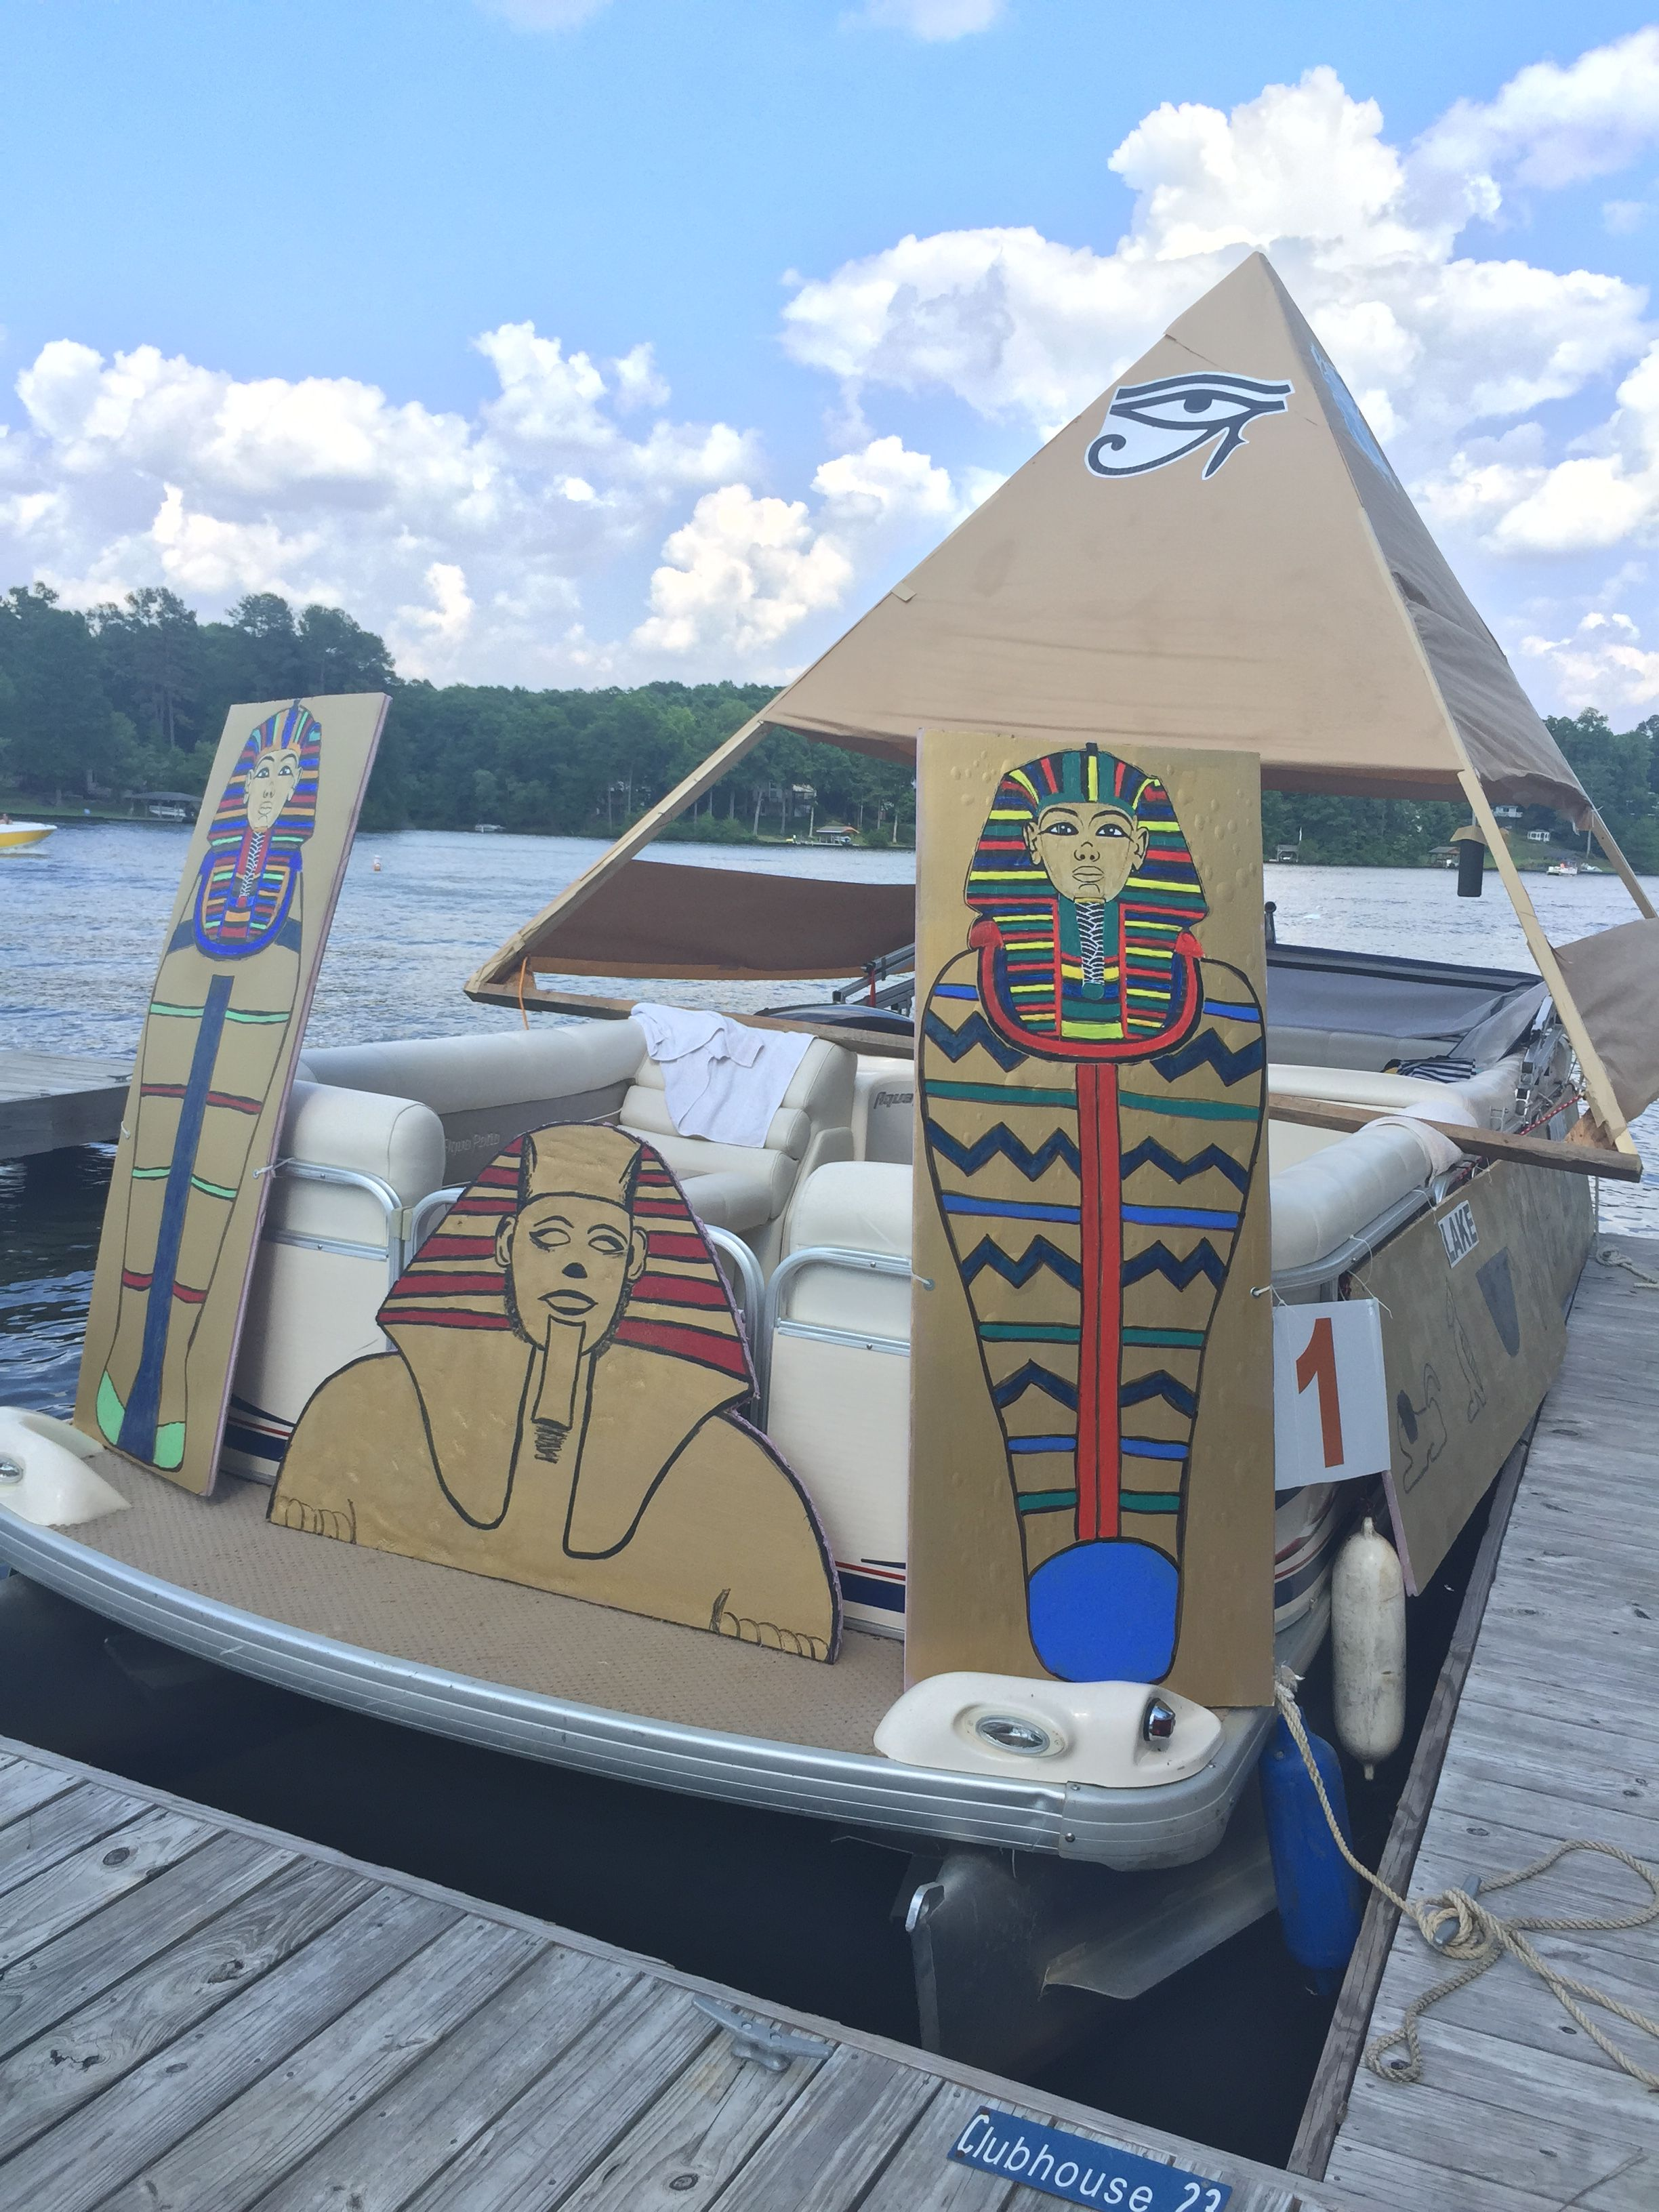 Fantasy Vacation Destination Boat Parade at Lake Royale, NC